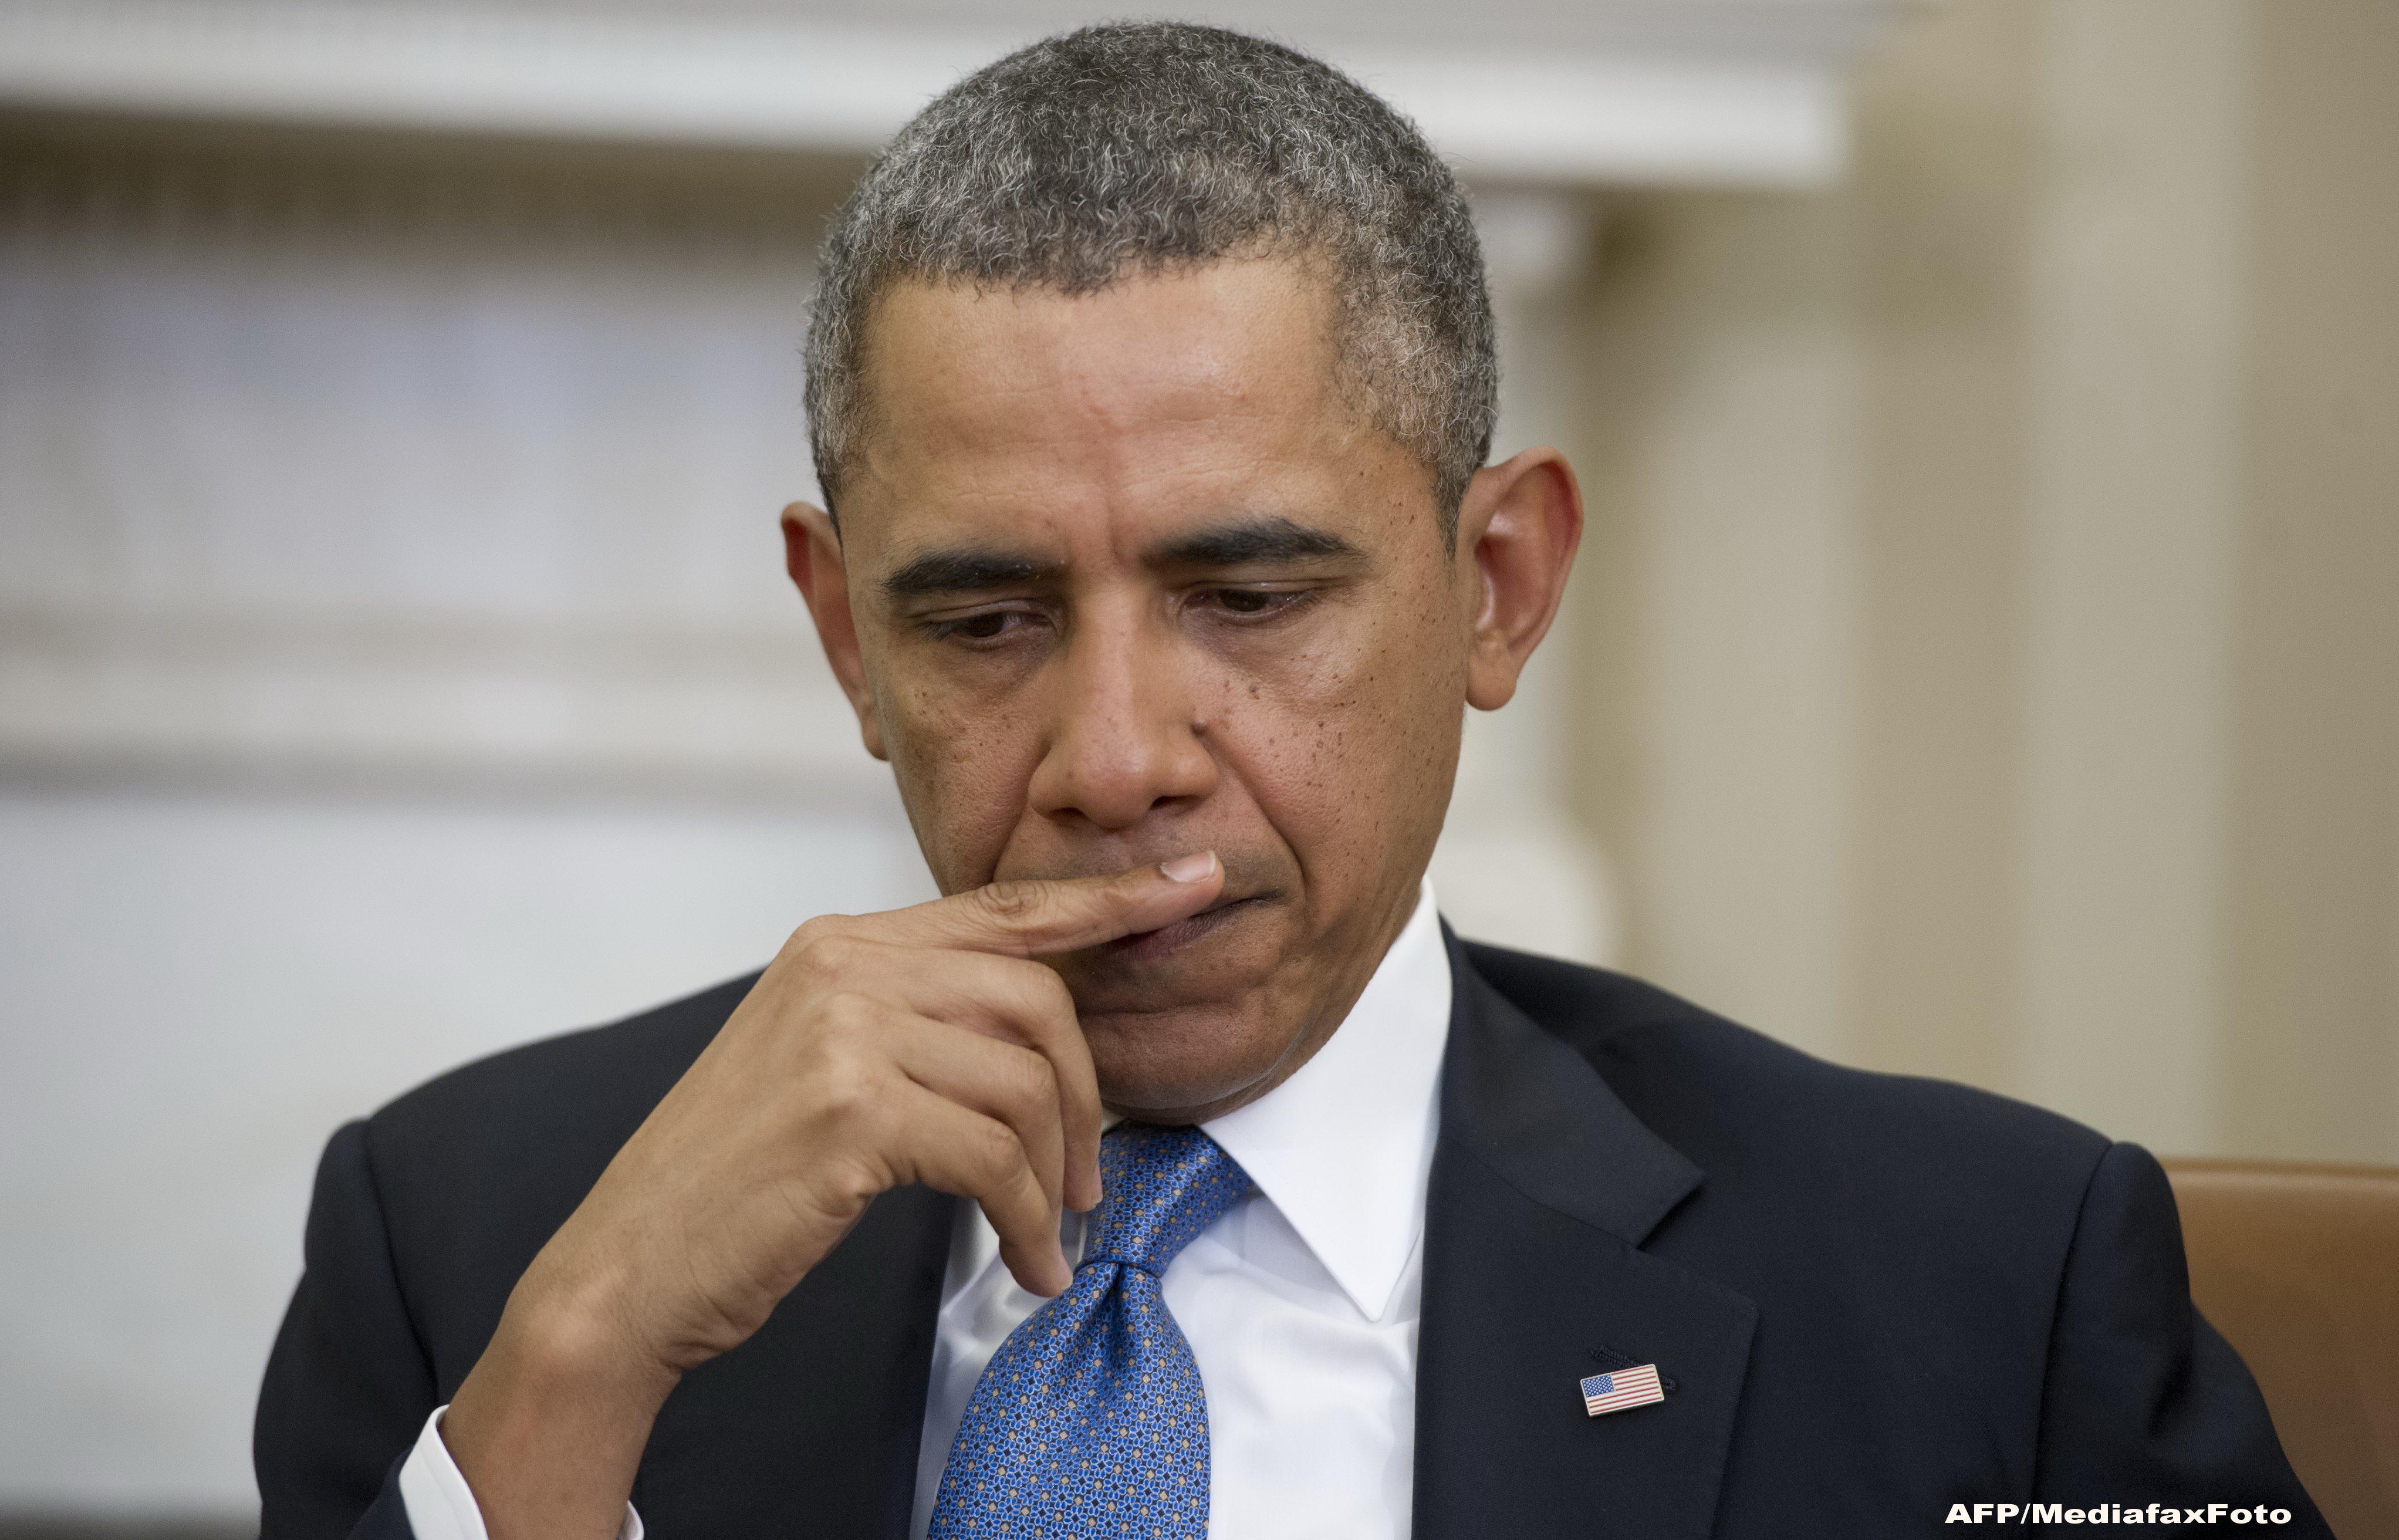 Scrisoare deschisa a 47 de senatori americani: orice acord nuclear e valabil doar pana la finalul mandatului lui Obama